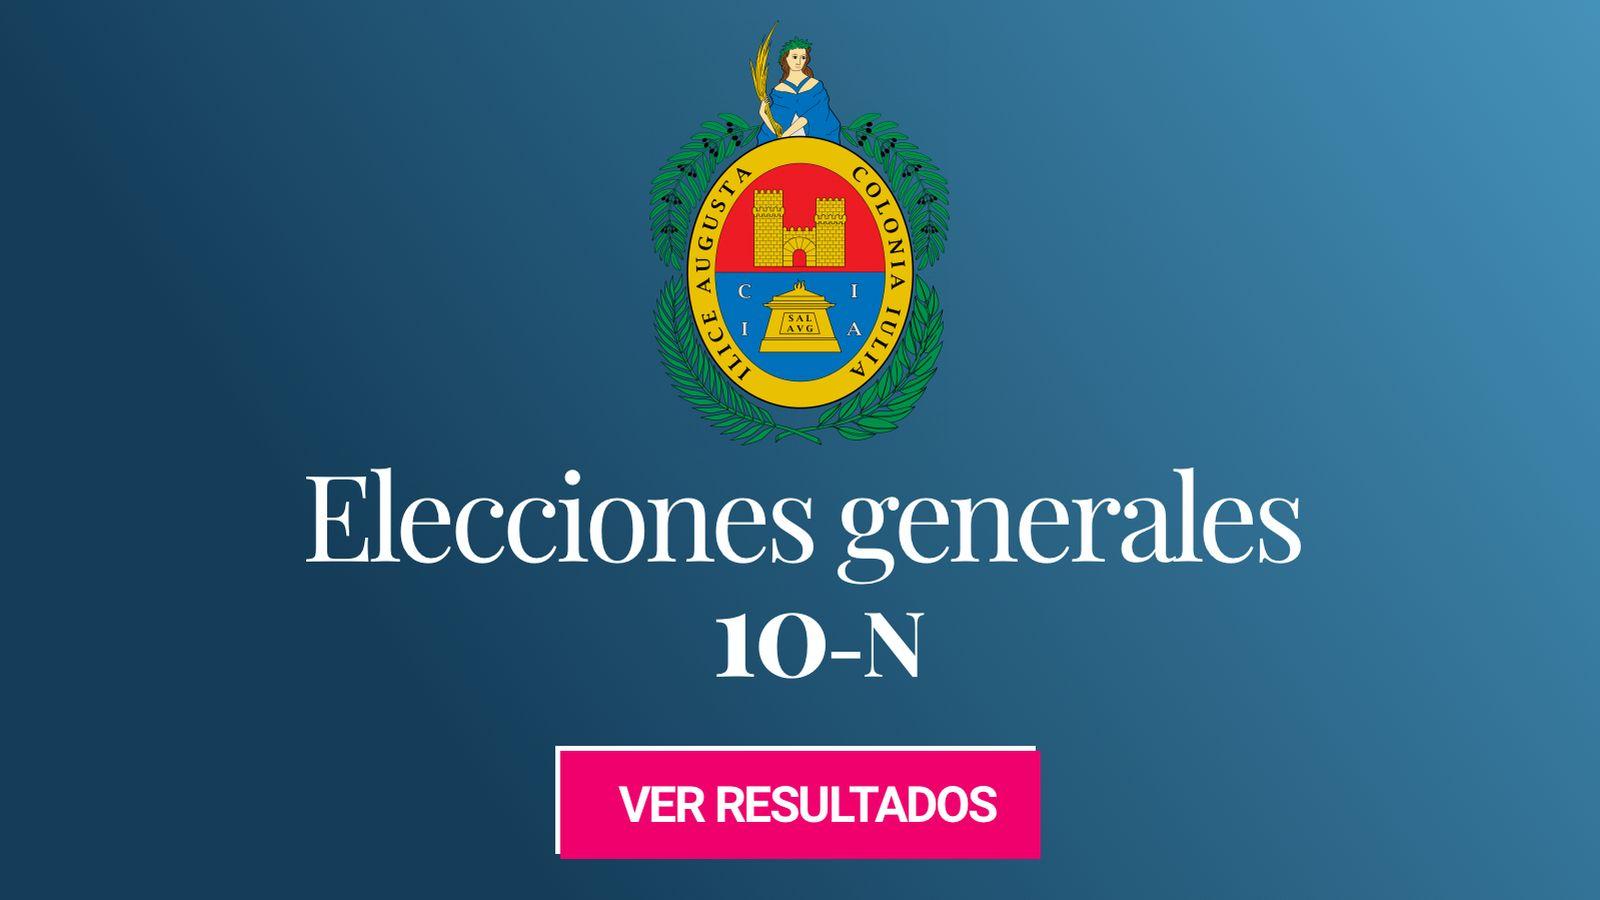 Foto: Elecciones generales 2019 en Elche . (C.C./EC)